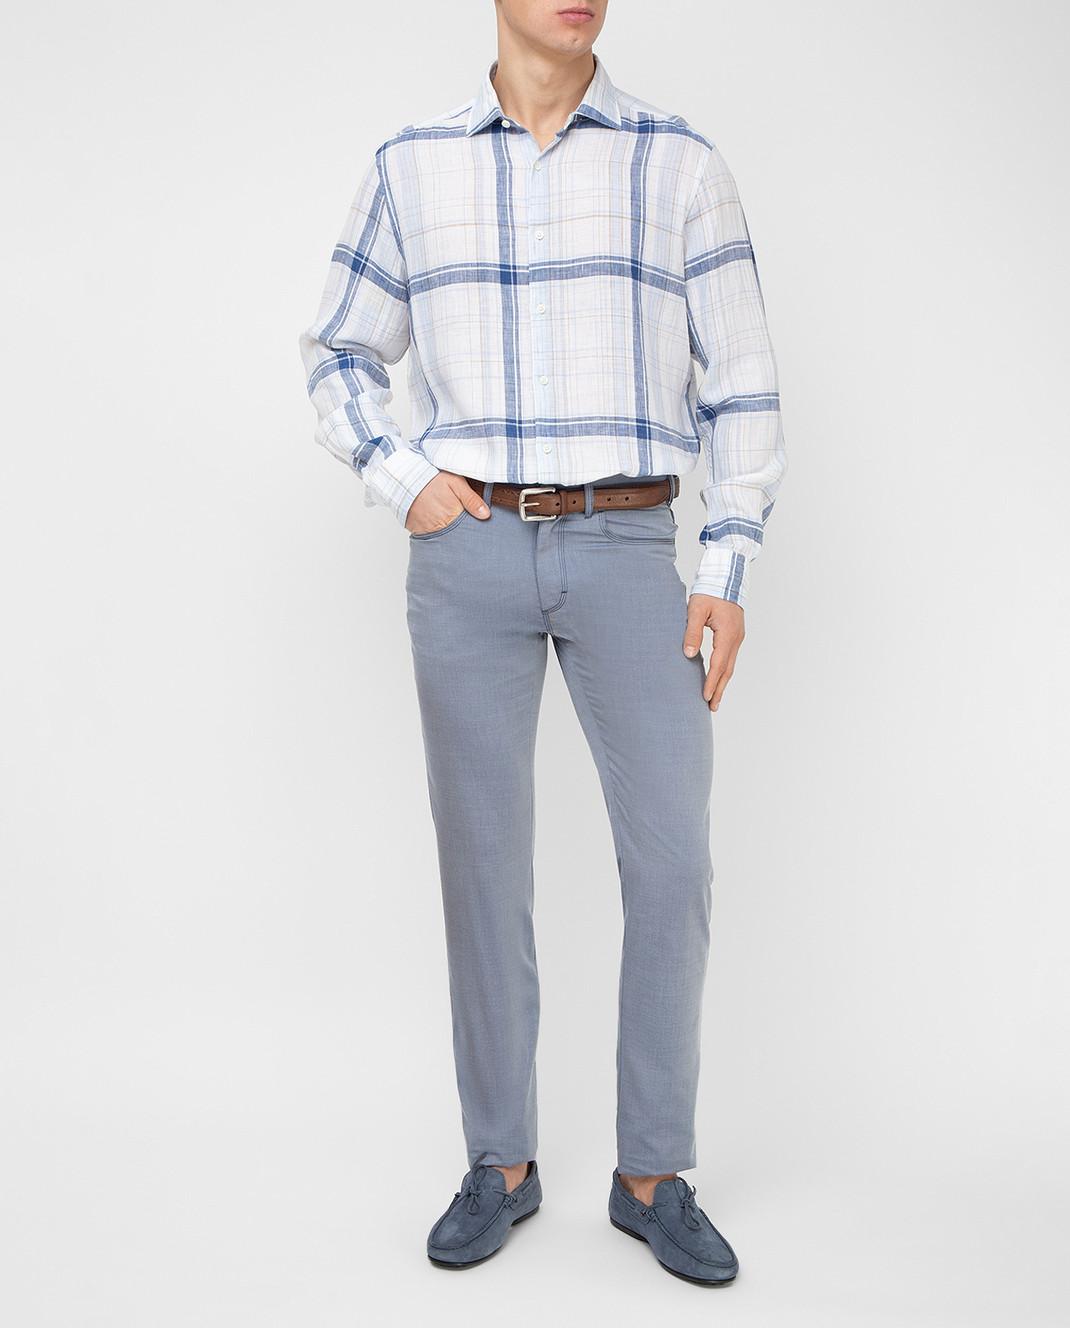 Stefano Ricci Голубые брюки MBT8100020 изображение 2